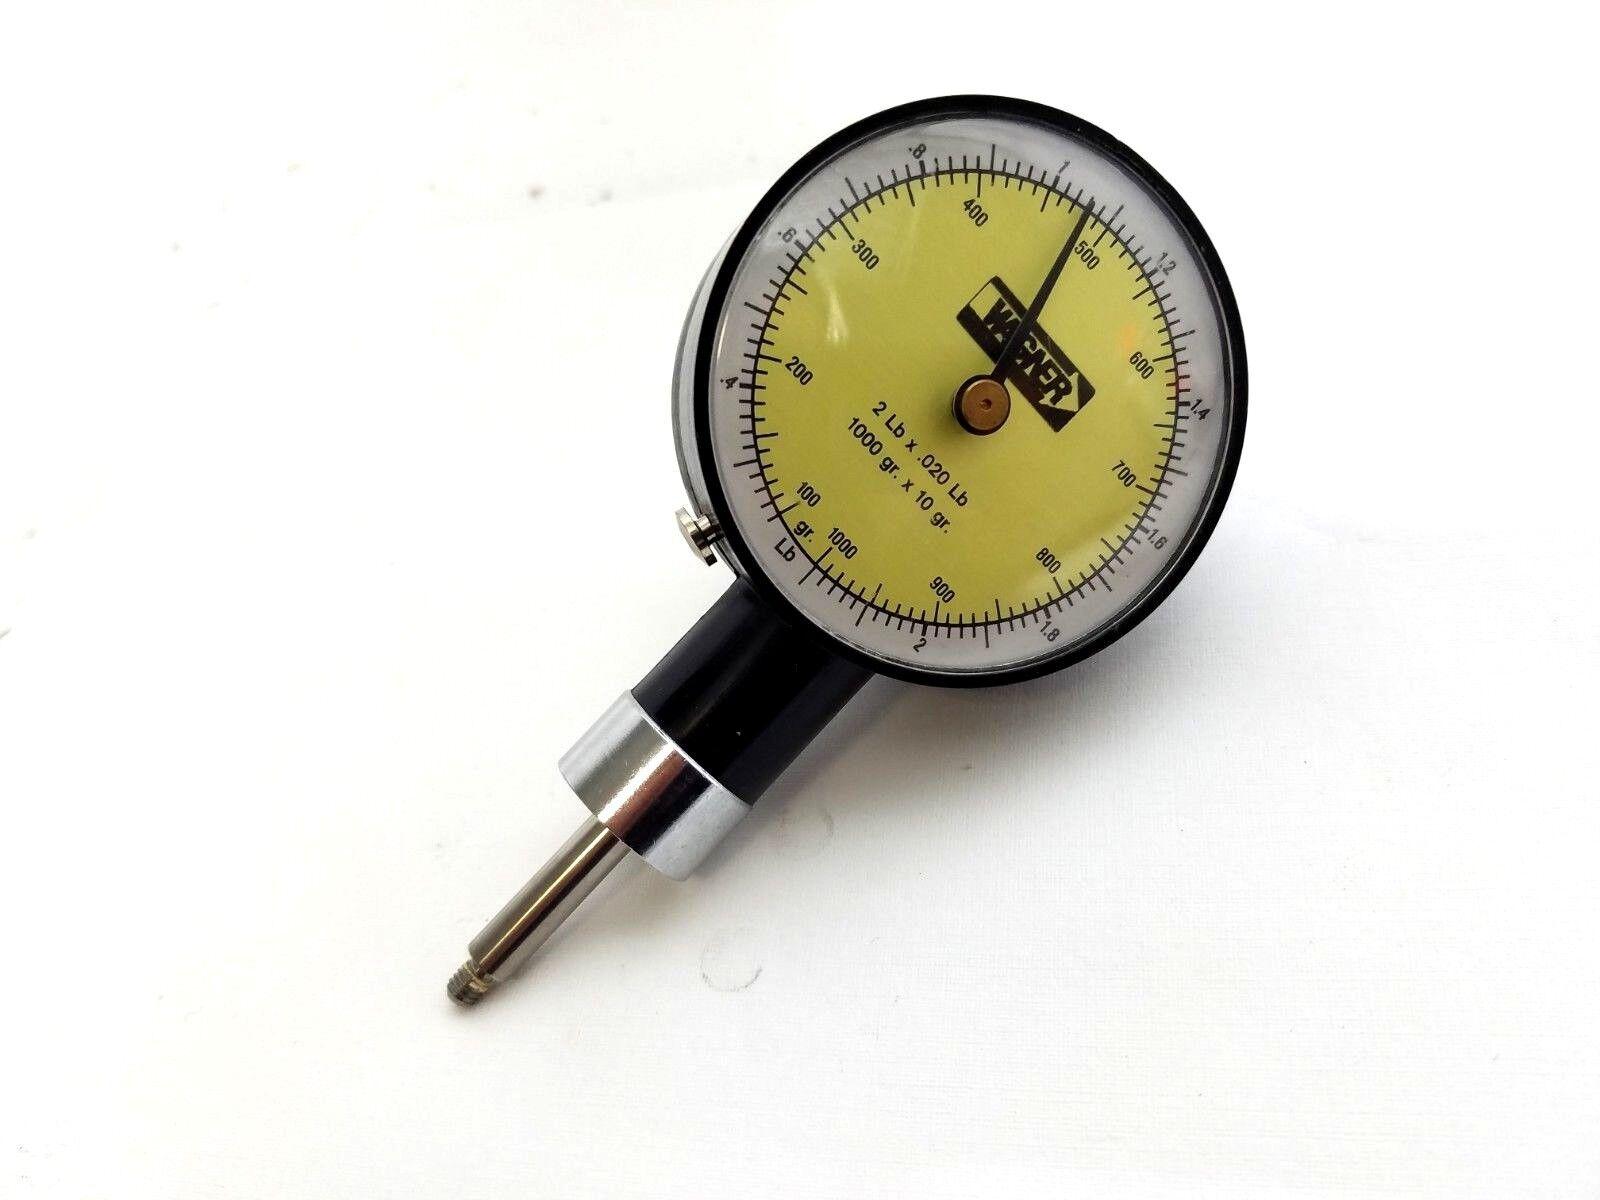 Wagner FT02 Fruit Pressure Tester Penetrometer 2 Lb x.020 Lb 1000gr x 10gr